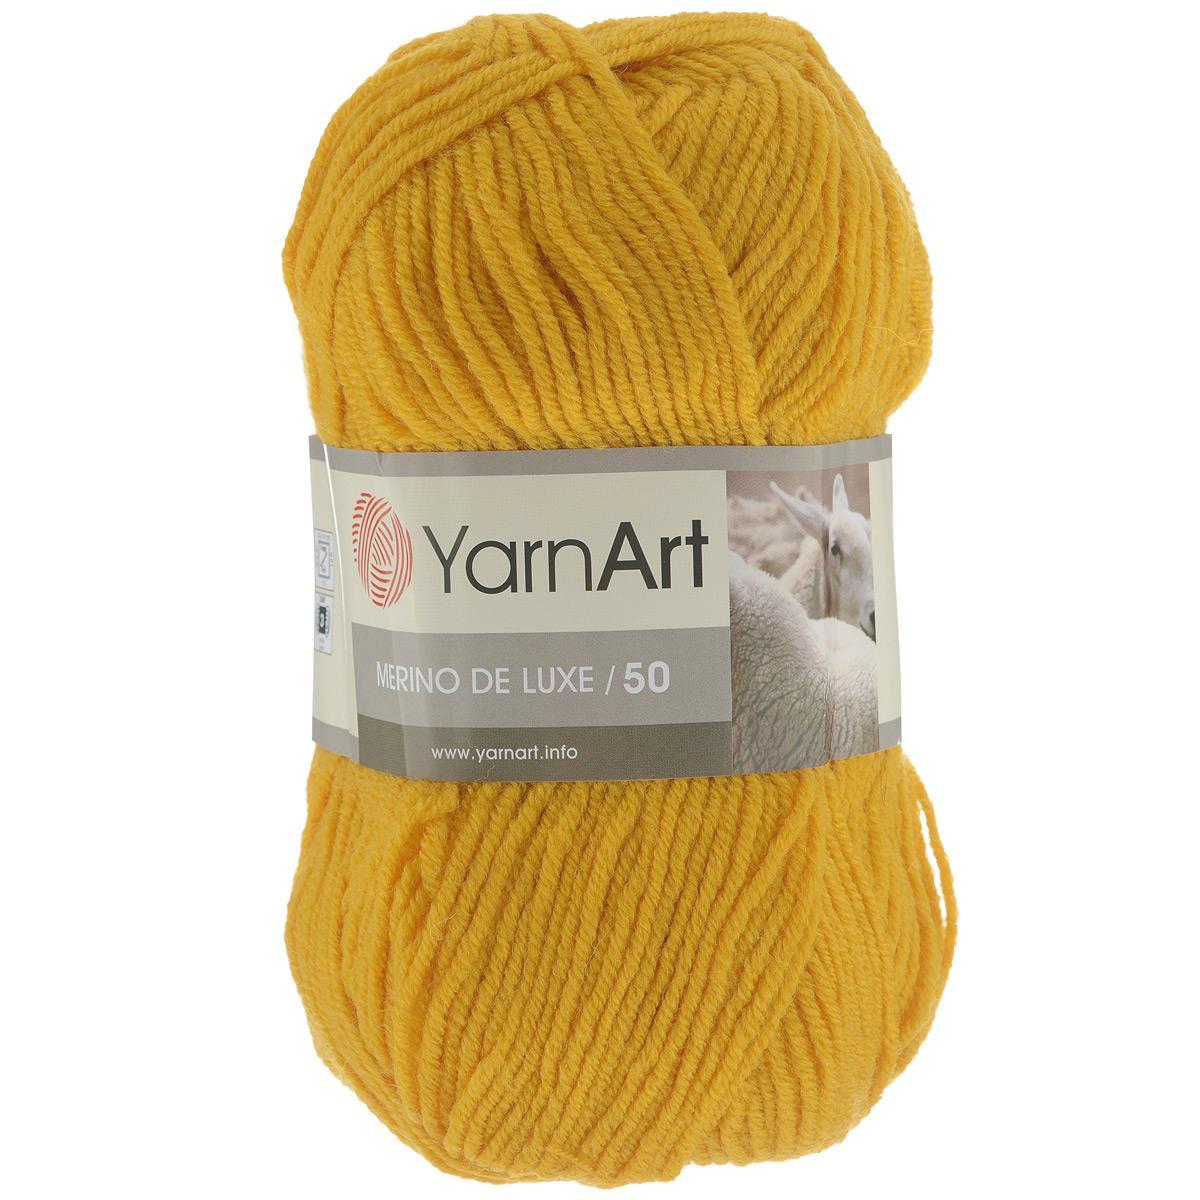 Пряжа для вязания YarnArt Merino de Lux, цвет: темно-желтый (586), 280 м, 100 г, 5 шт372049_586Классическая пряжа для вязания YarnArt  Merino de Lux изготовлена из шерсти и акрила. Пряжа очень мягкая и приятная на ощупь. Теплая, уютная, эта пряжа идеально подходит для вязки демисезонных вещей. Шапочки, шарфы, снуды, свитера, жилеты вяжутся из этой пряжи быстро и легко. Изделия приятны в носке и долго не теряют форму после ручной стирки. Рекомендуются спицы 3,5 мм, крючок 4 мм. Состав: 49% шерсть, 51% акрил.